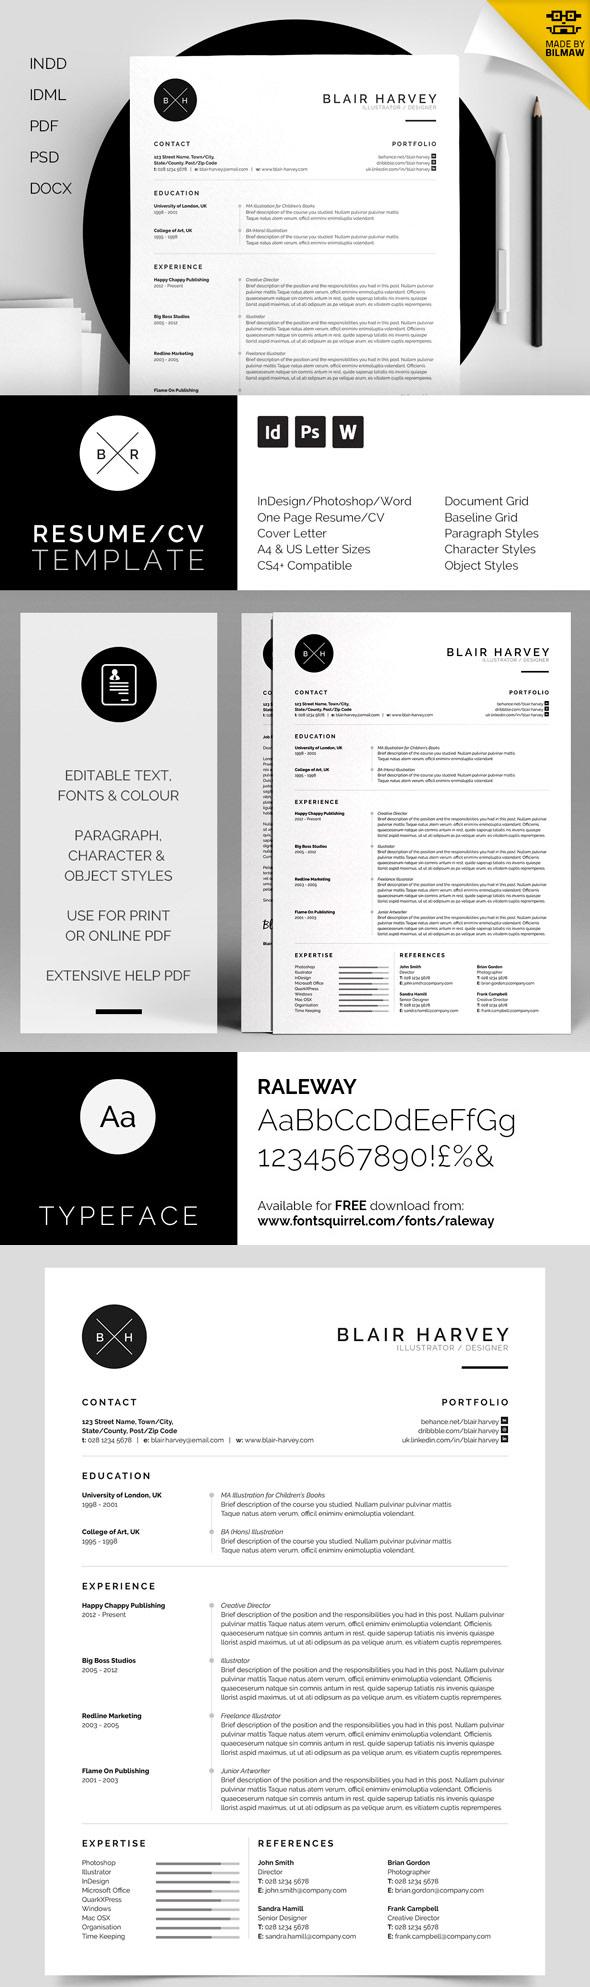 best minimal resume templates idevie 50 best minimal resume templates 21